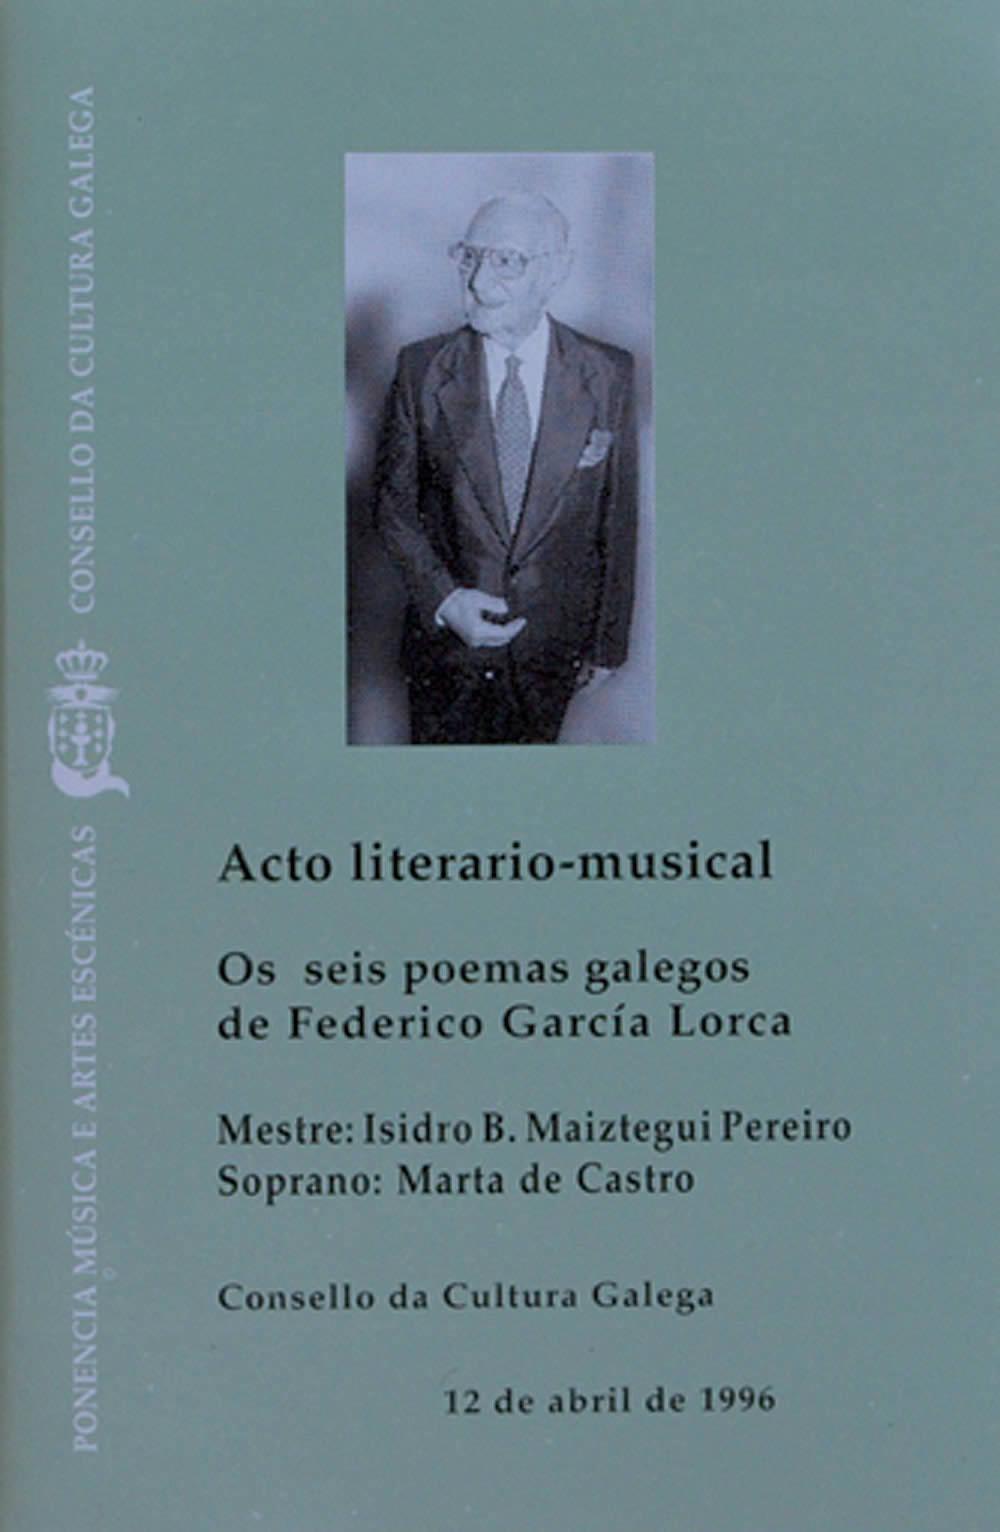 Portada de  Acto literario-musical. Os seis poemas galegos de Federico García Lorca